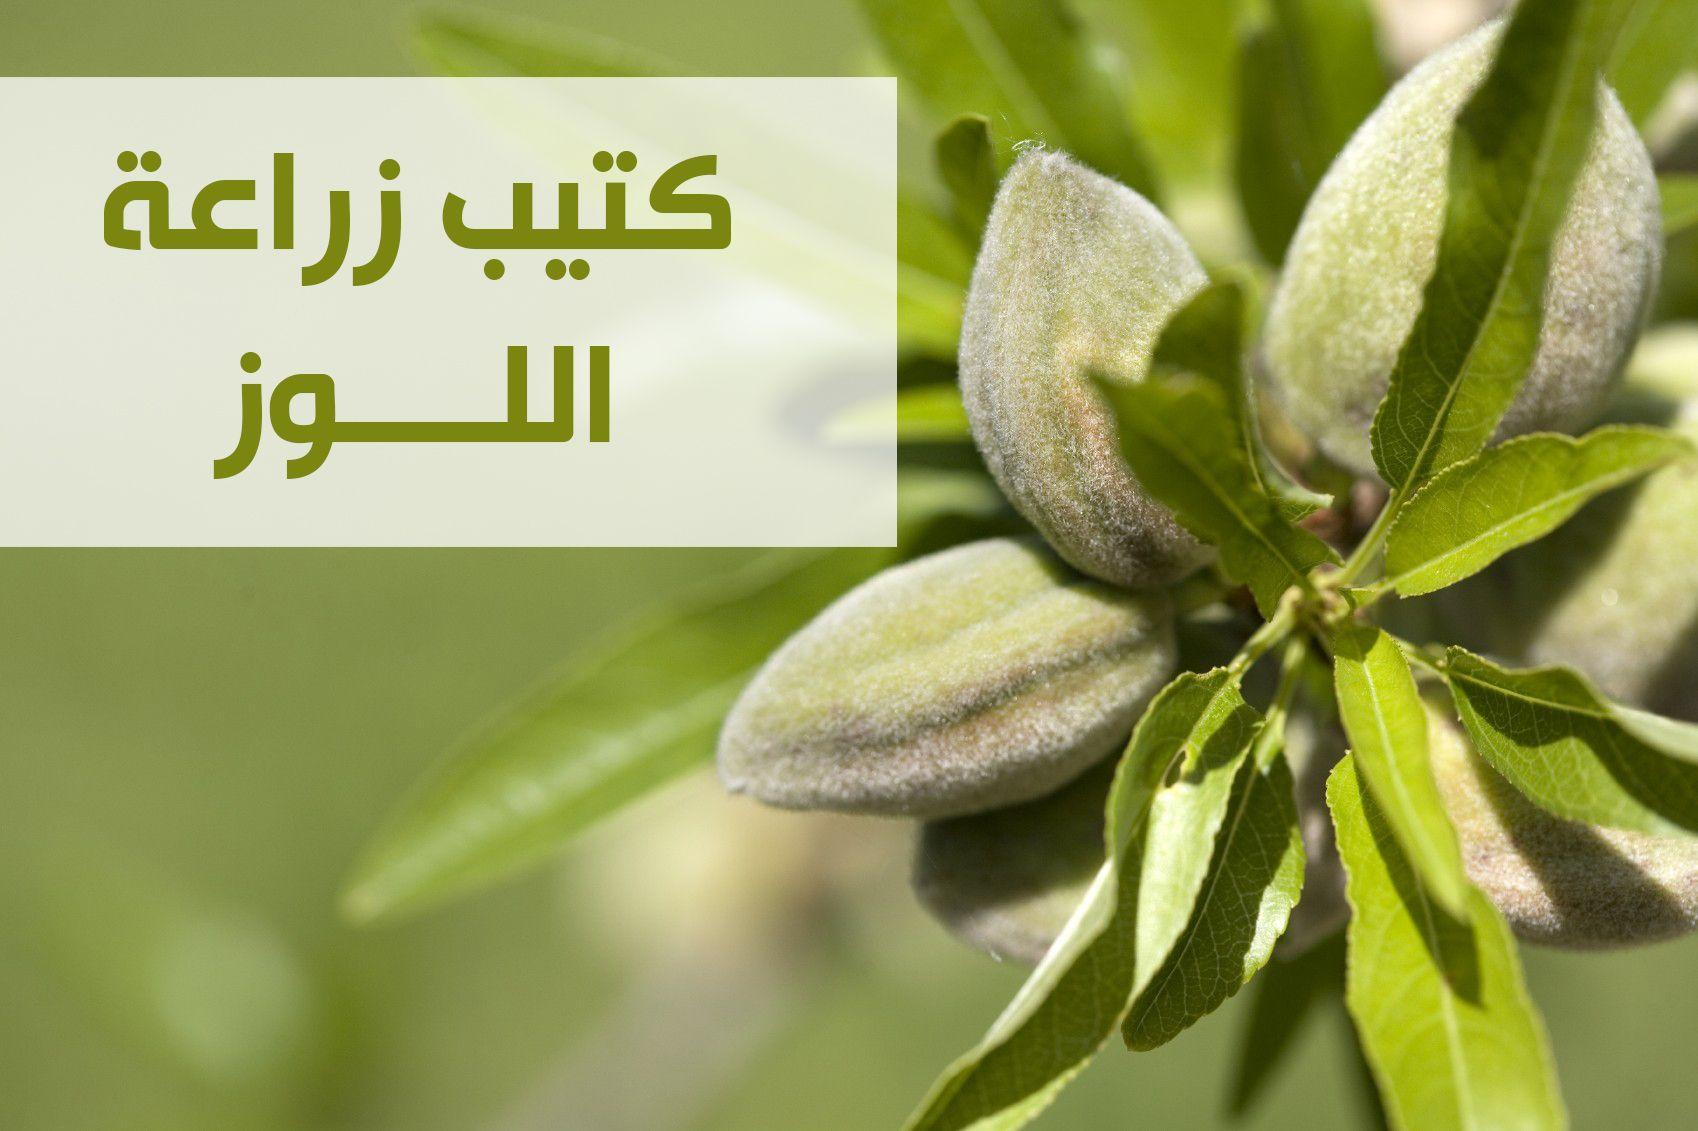 برنامج تسميد البصل فى الاراضى الصحراويه Farmland Outdoor Vineyard